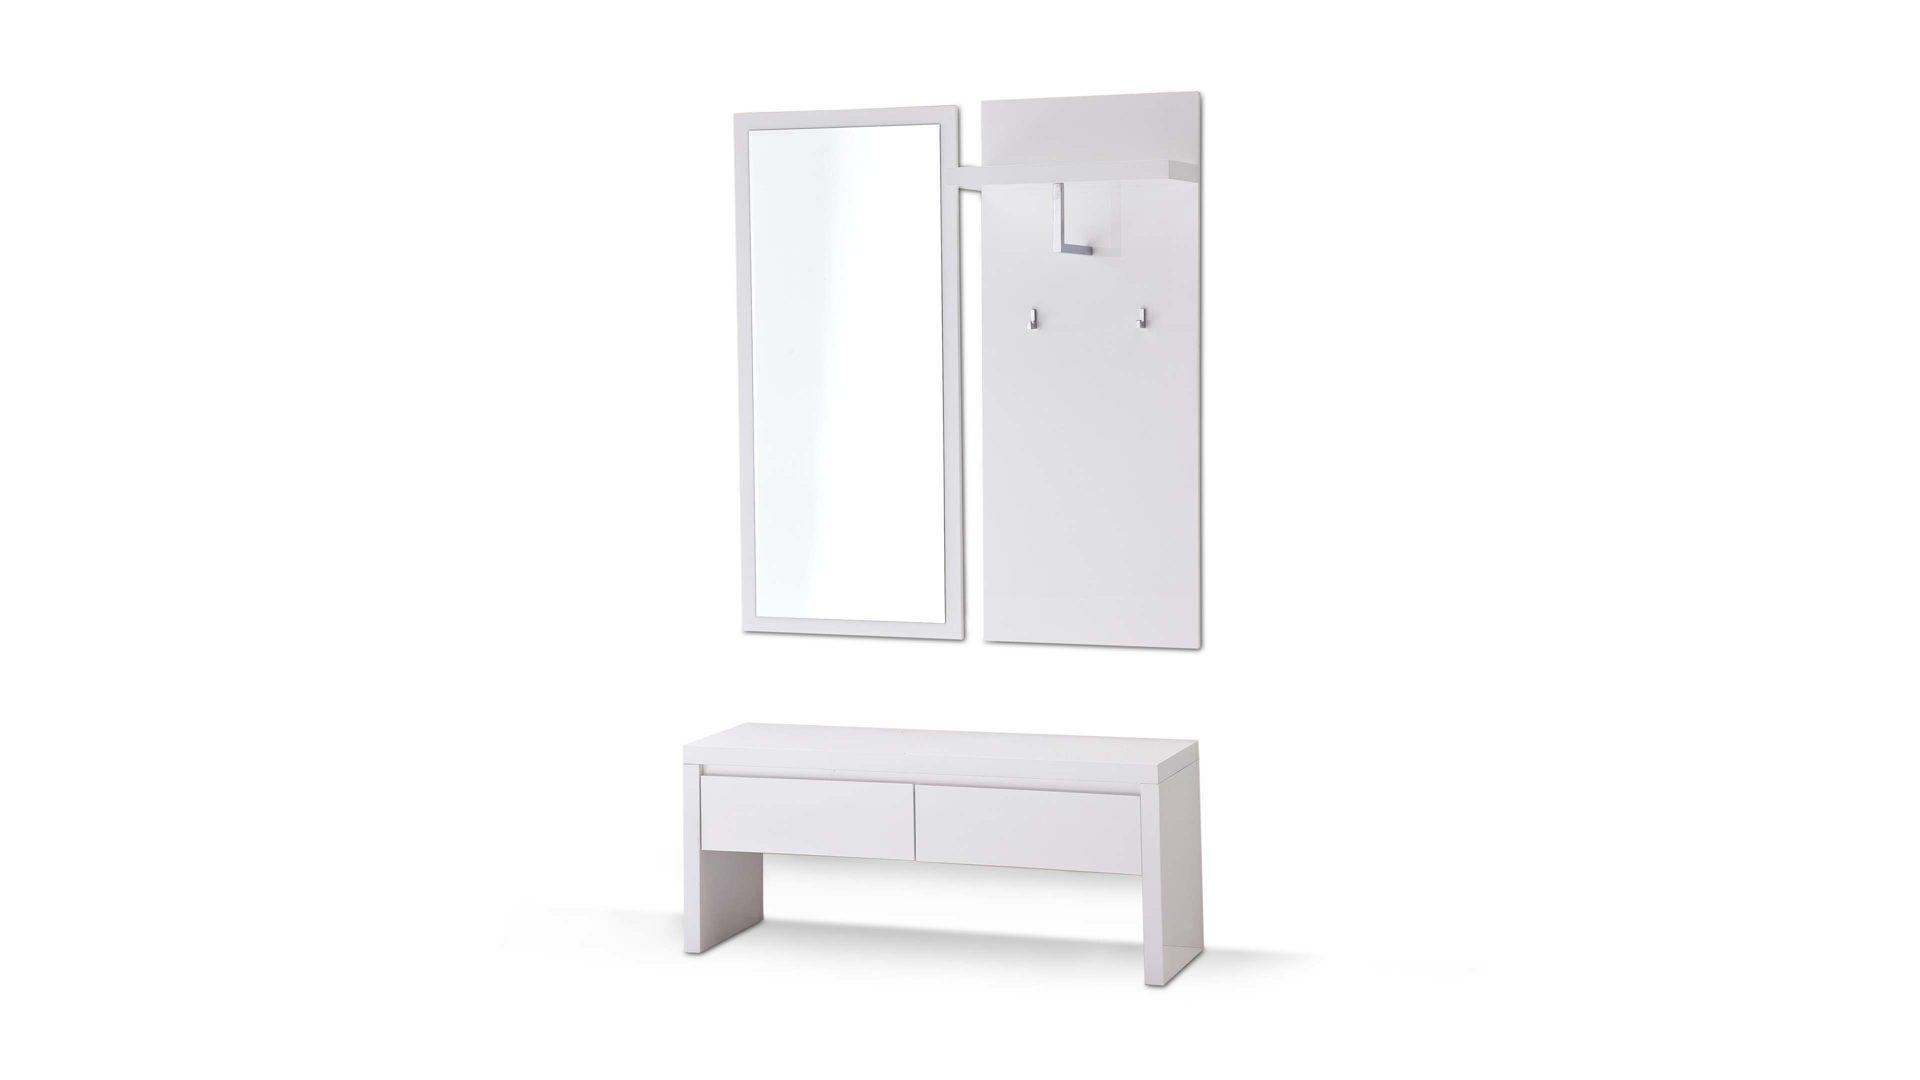 Garderobe als Flurmöbel mit Sitzbank, weiße Hochglanzoberflächen –  dreiteilig